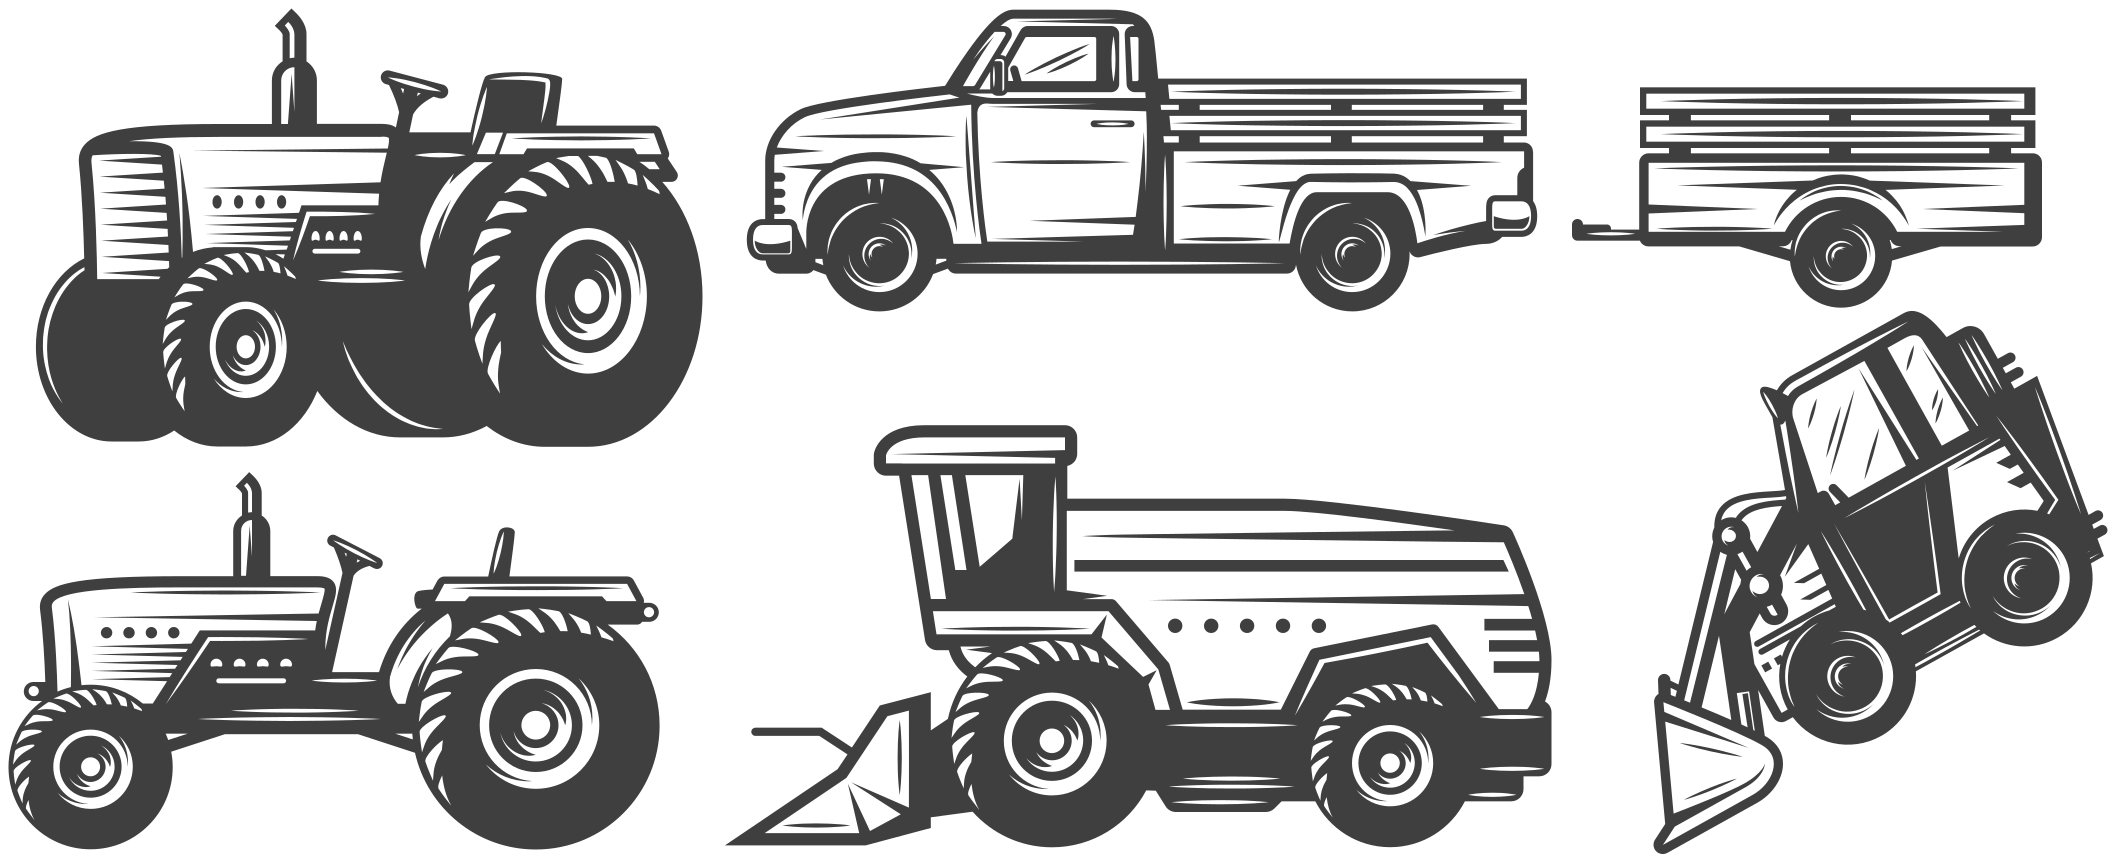 TenVinilo. Vinilo para niños vehículos granjeros. Increíble vinilo para niños con vehículos de granjeros para que decores el cuarto de tu hijo de forma original ¡Fácil de colocar!